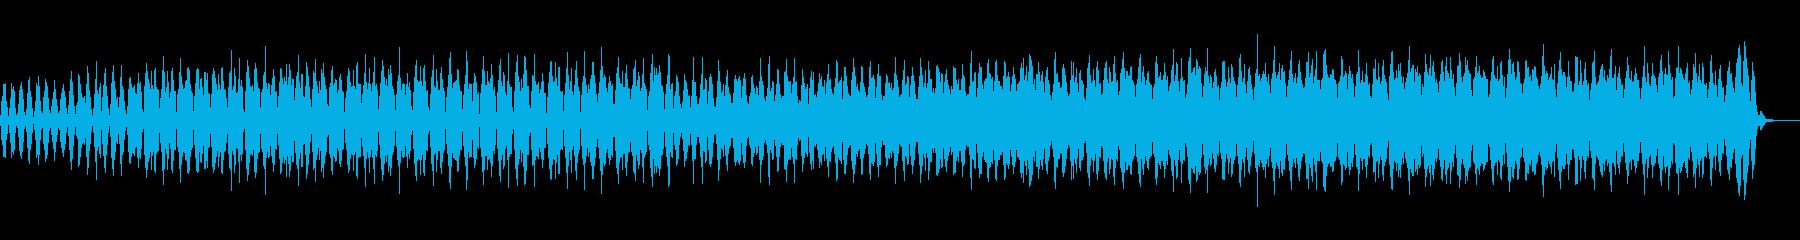 ほのかに和風の雰囲気も残るクールな楽曲の再生済みの波形